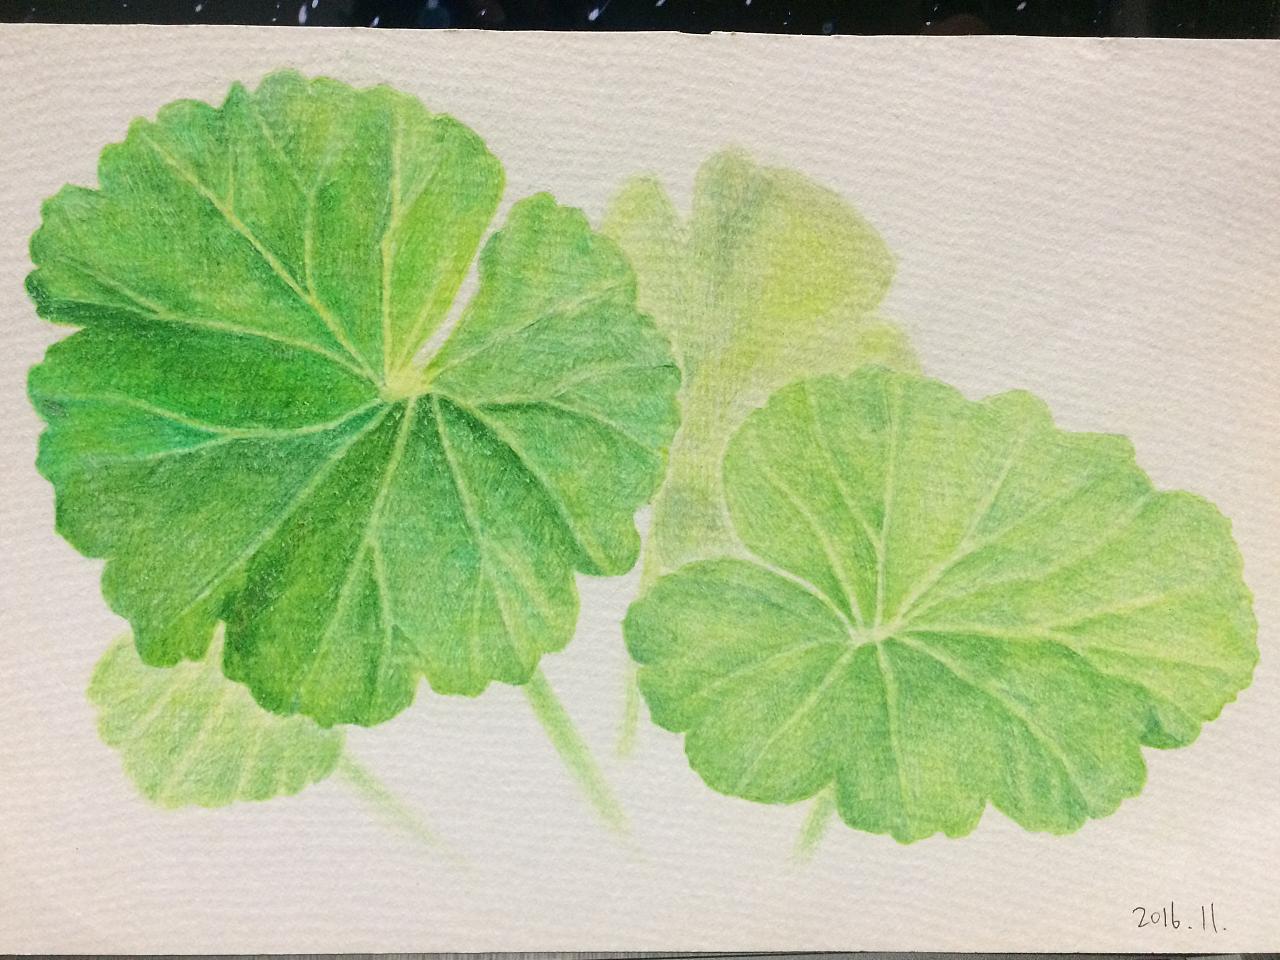 彩铅草植物手绘教程